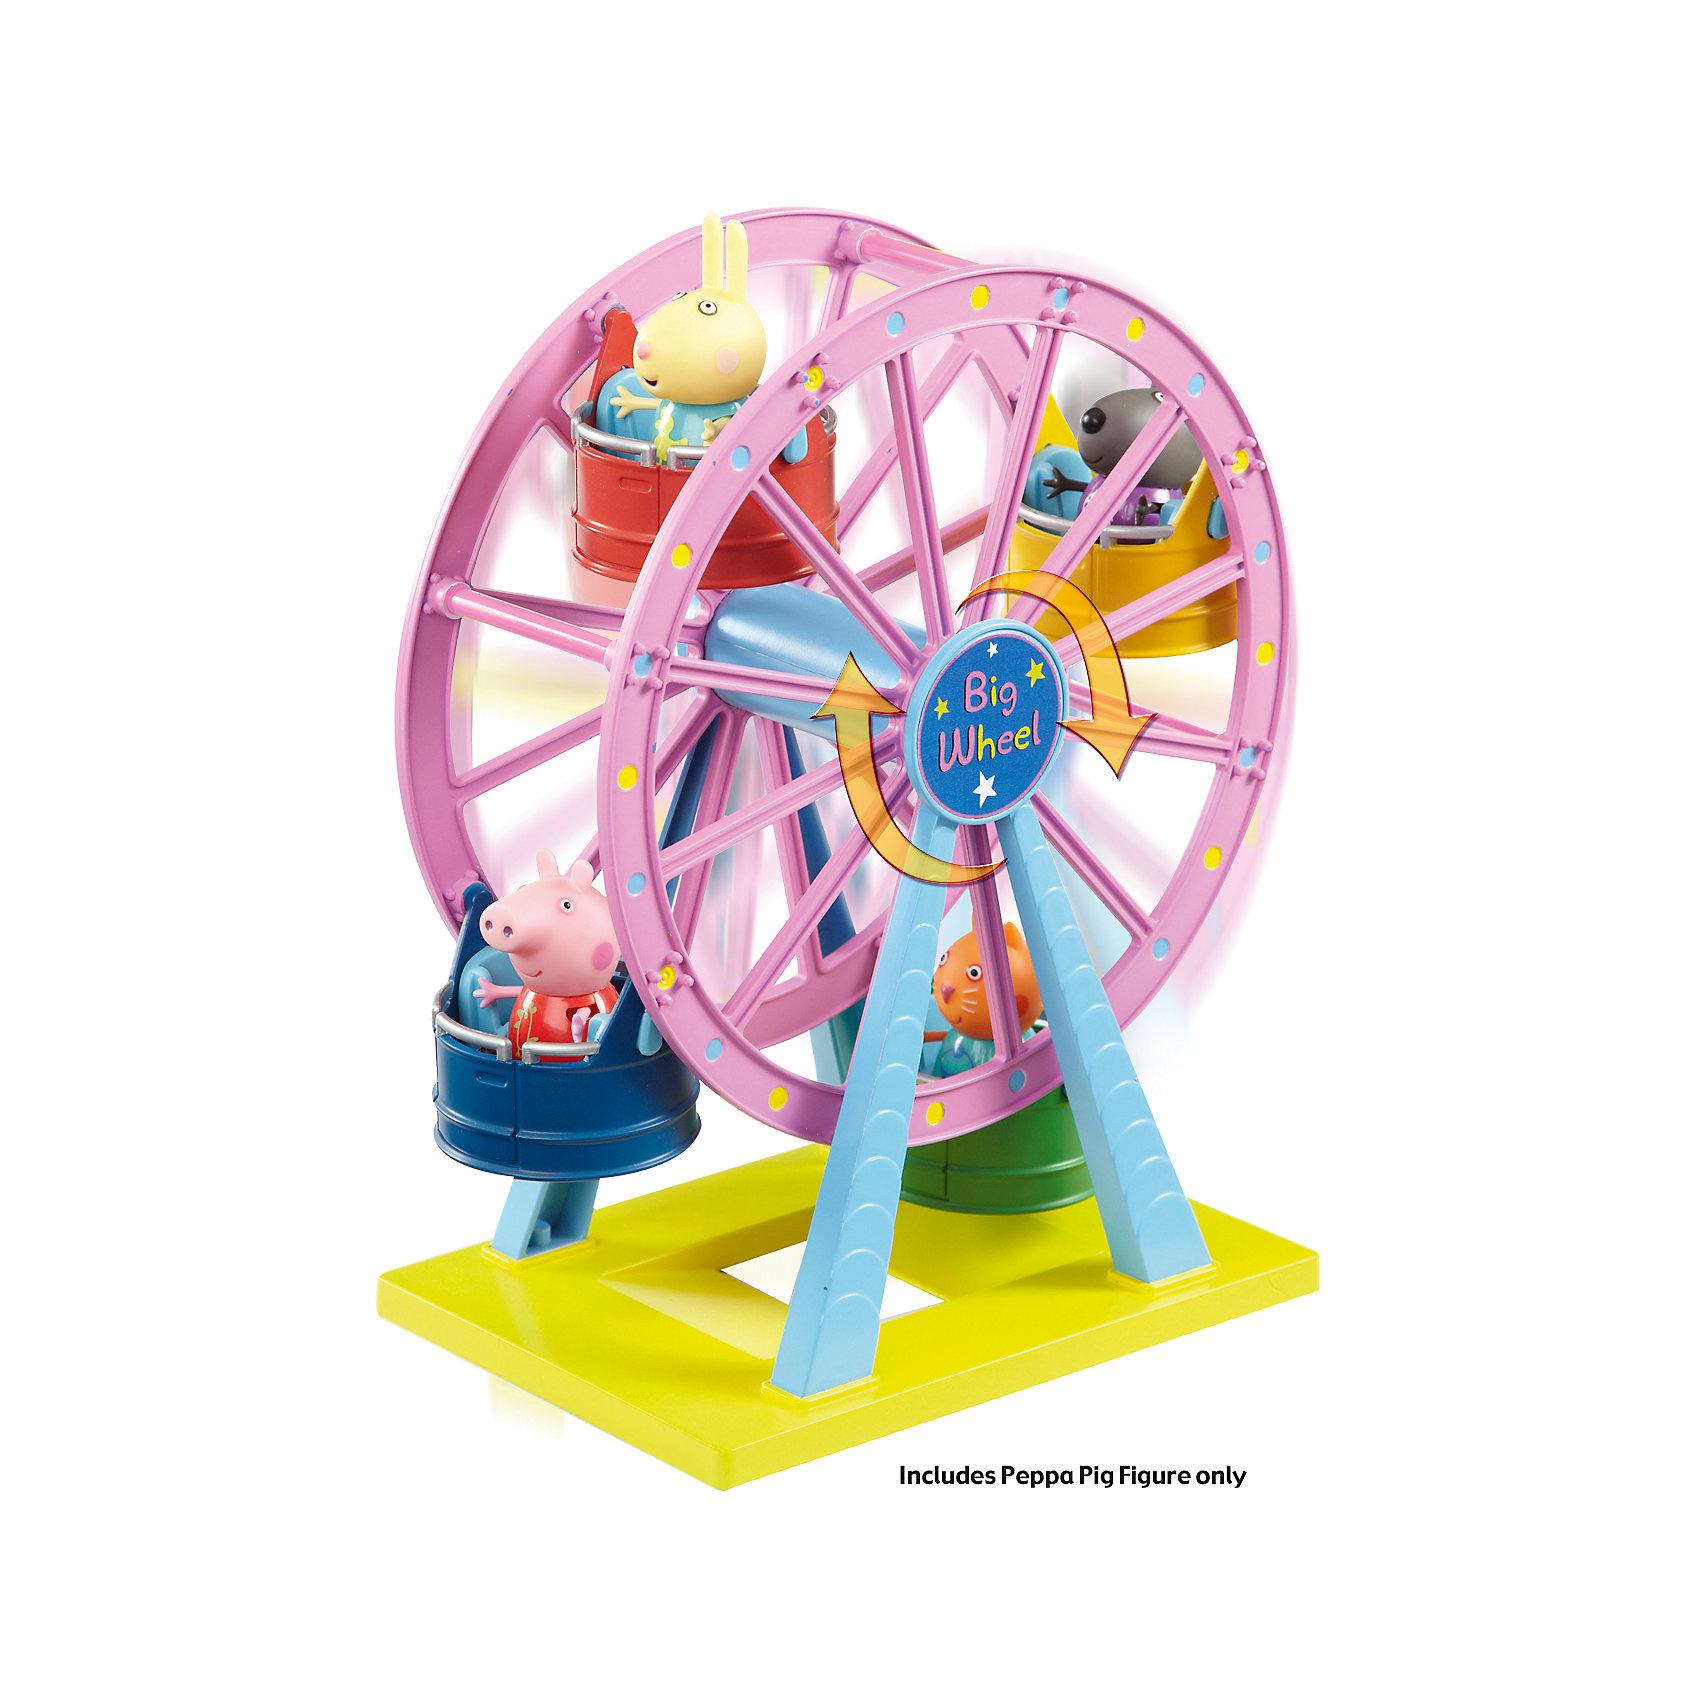 Игровой набор Колесо обозрения. Луна Парк, Свинка ПеппаСвинка Пеппа<br>Это яркий игровой набор в комплекте со свинкой Пеппой и колесом обозрения. Колесо рассчитано на трех пассажиров, так что ребенок сможет посадить на свободные места двух своих самых любимых игрушек.<br><br>Дополнительная информация:<br><br>- Возраст: от 3 лет.<br>- Материал: пластик.<br>- В наборе: колесо обозрения, свинка Пеппа.<br>- Размер игровой площадки: 17.5х12.3 см.<br>- Размер упаковки: 28.5х14.4х29.7 см.<br>- Вес в упаковке: 550 г.<br><br>Купить игровой набор Колесо обозрения. Луна Парк, Свинка Пеппа, можно в нашем магазине.<br><br>Ширина мм: 285<br>Глубина мм: 144<br>Высота мм: 297<br>Вес г: 550<br>Возраст от месяцев: 36<br>Возраст до месяцев: 2147483647<br>Пол: Унисекс<br>Возраст: Детский<br>SKU: 5026864